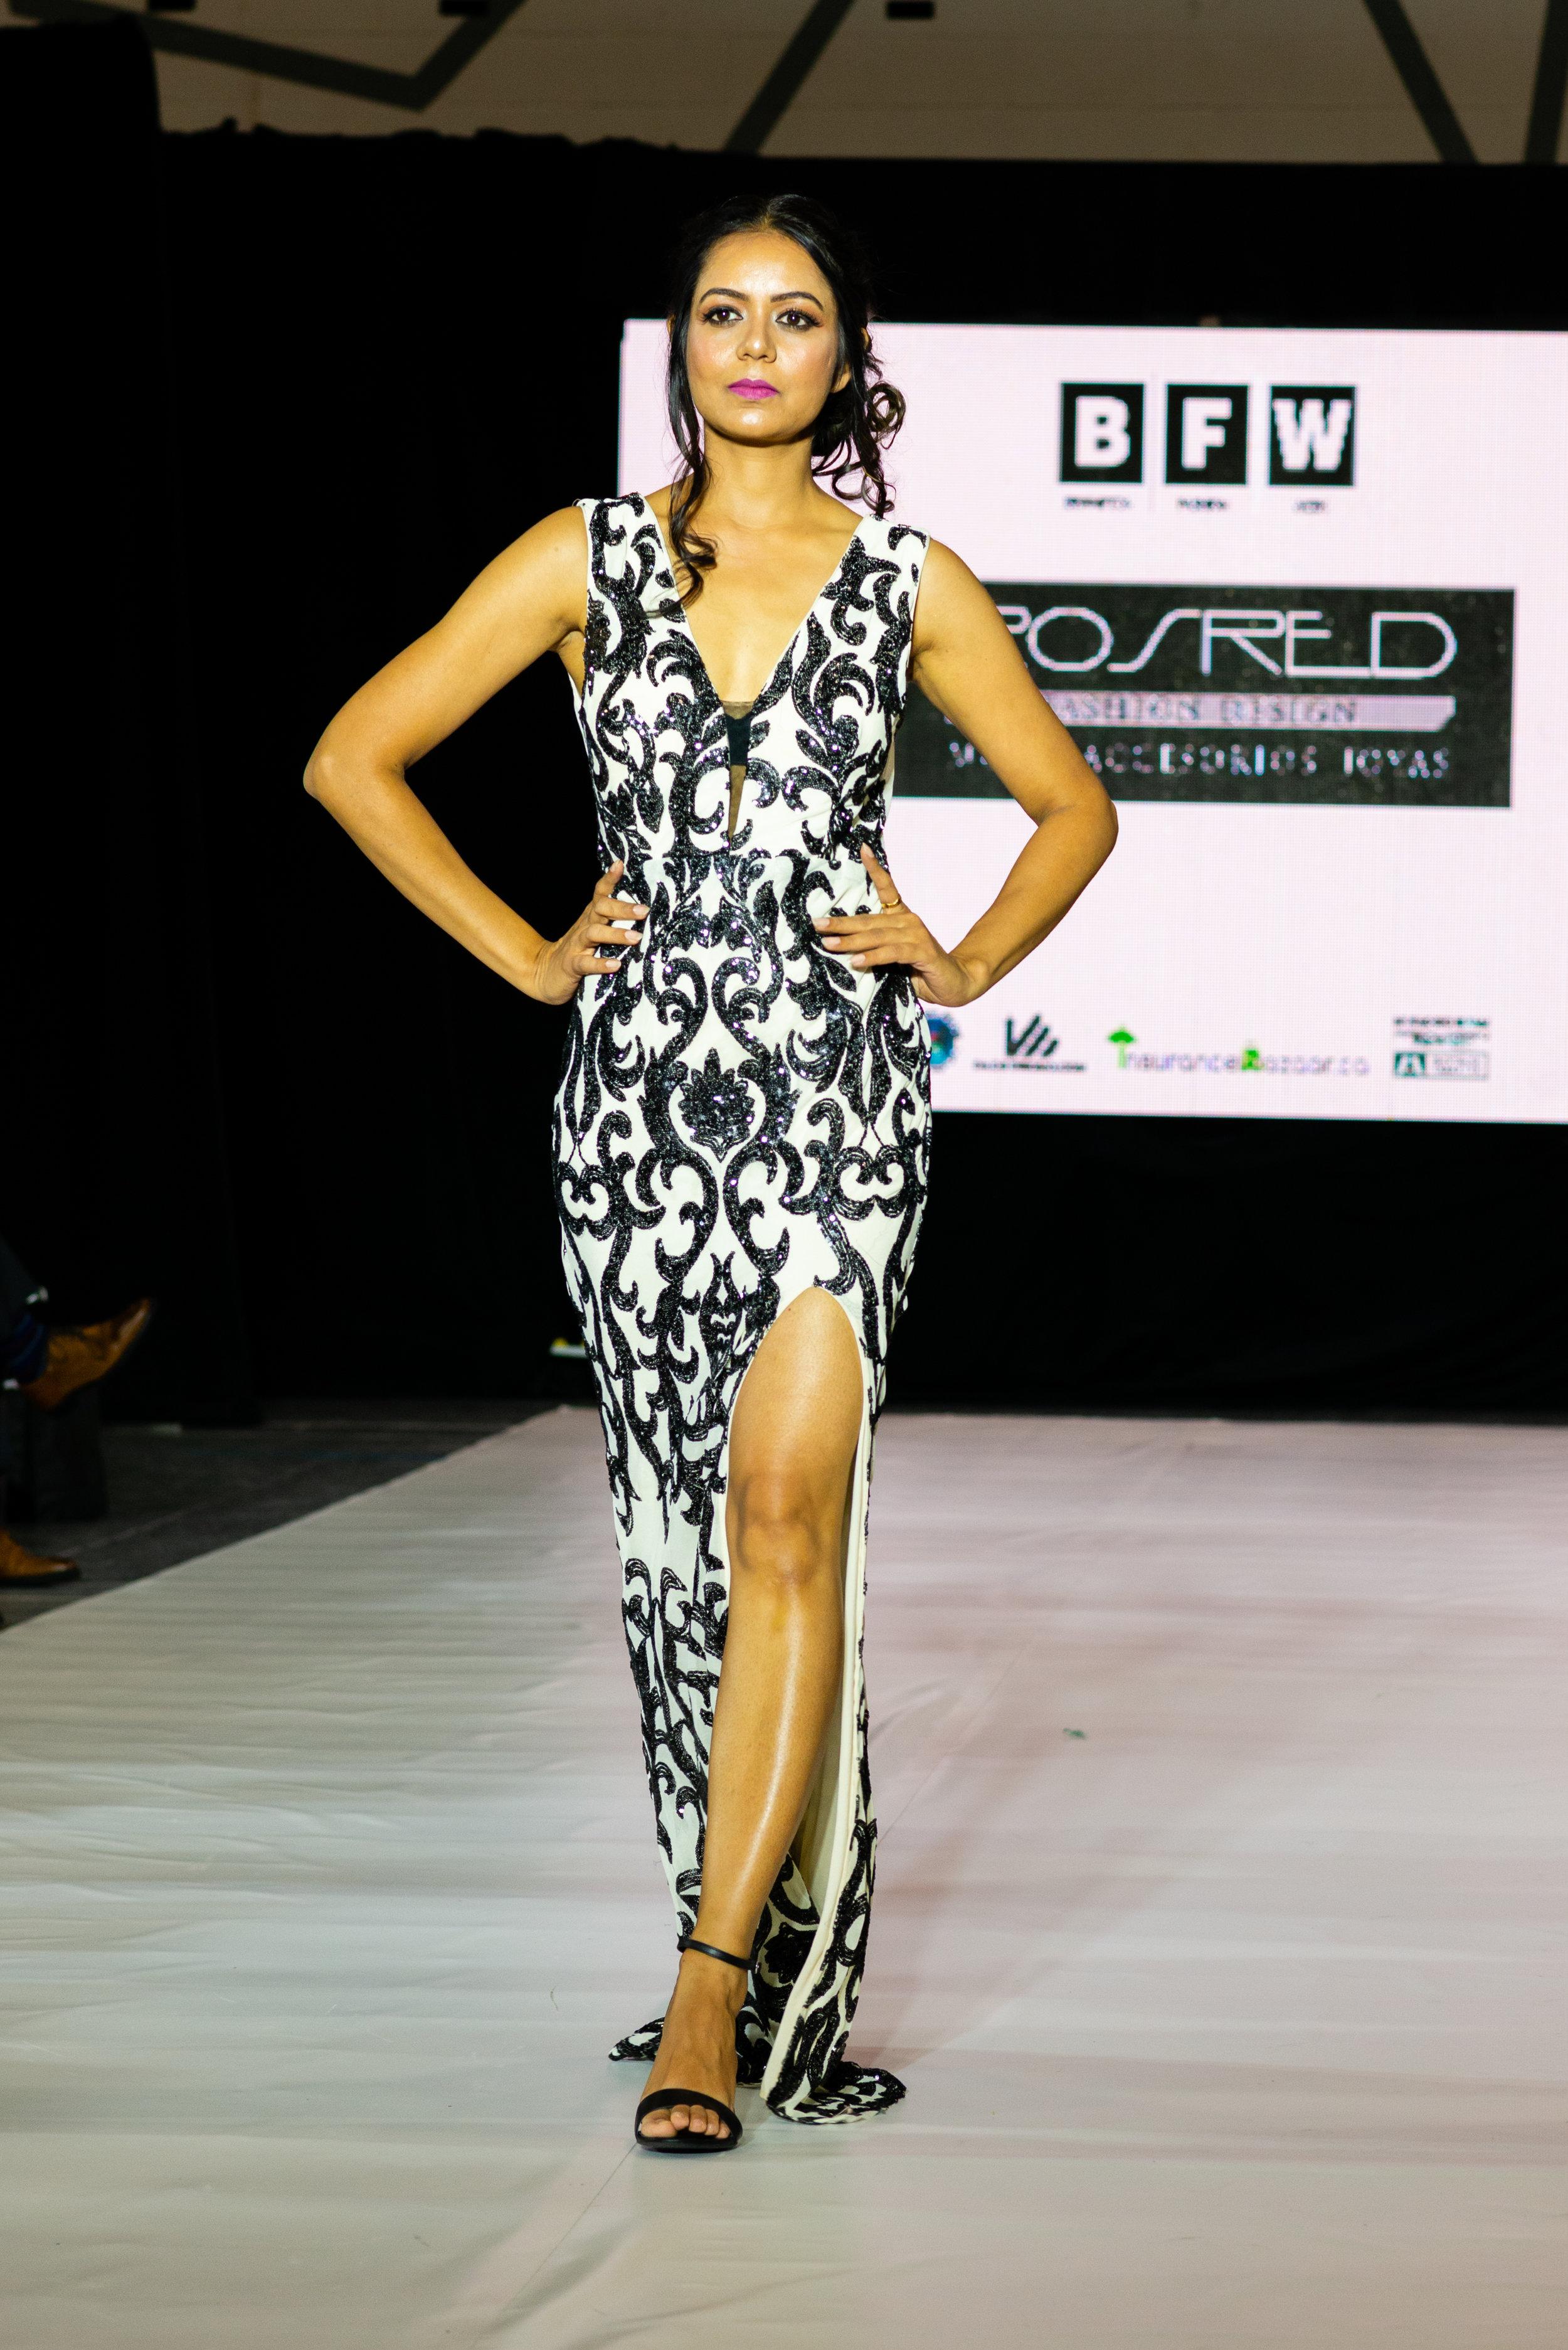 BFW10 - Rosred Fashion Design-D8A_2197.jpg